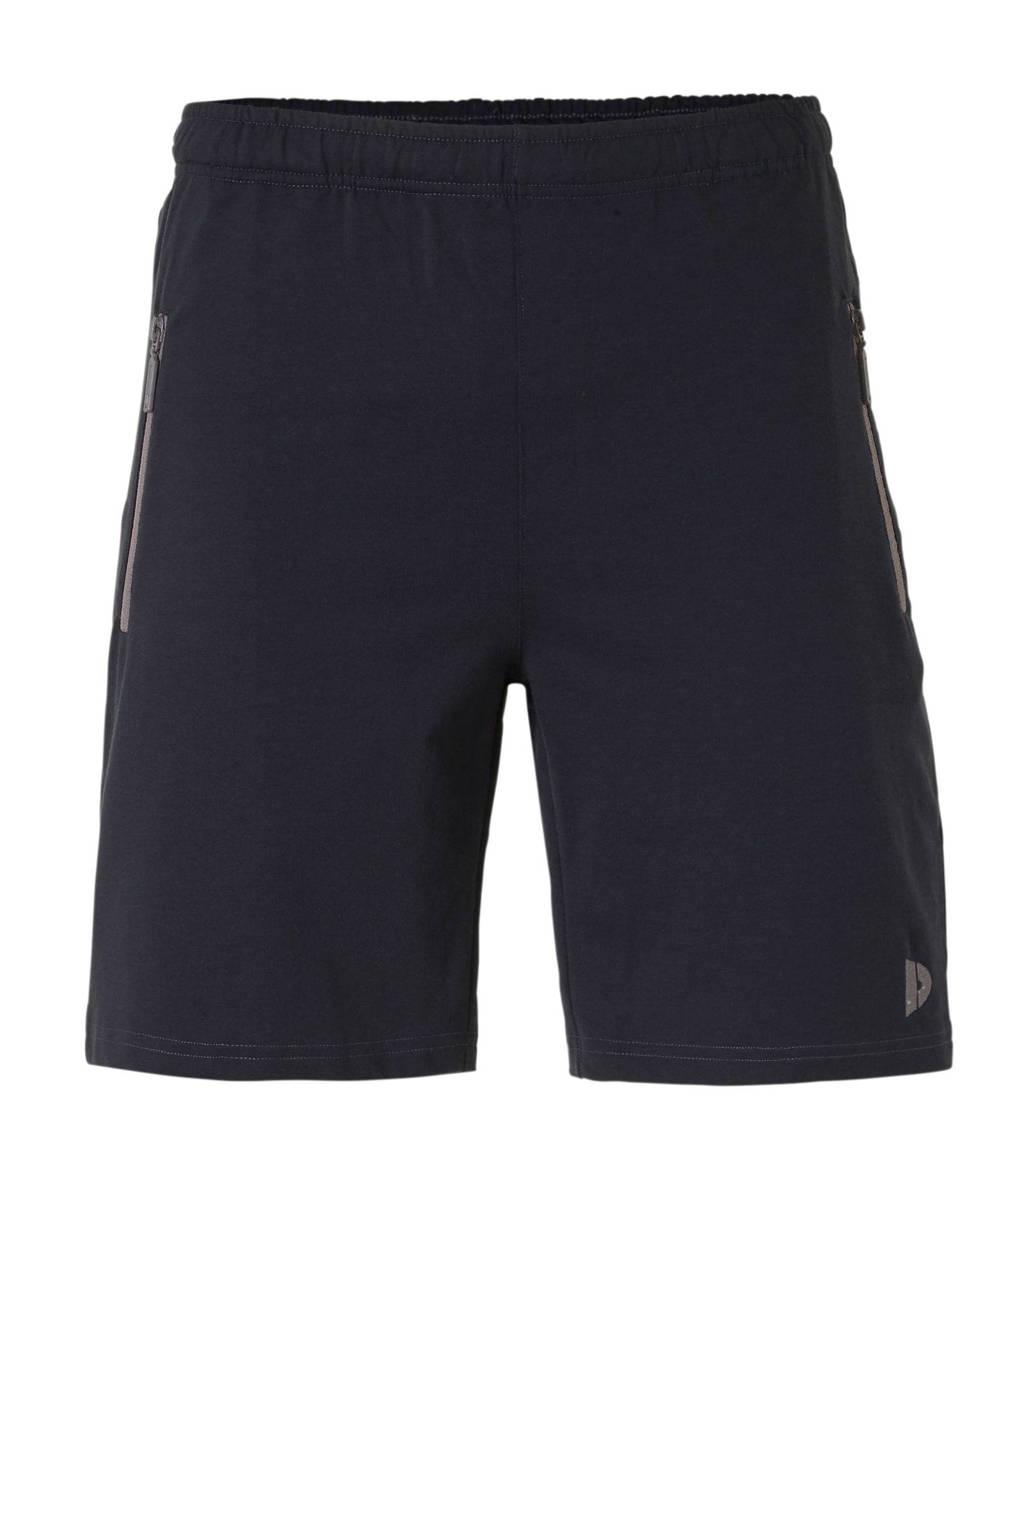 Donnay   joggingshort donkerblauw, Donkerblauw gemeleerd